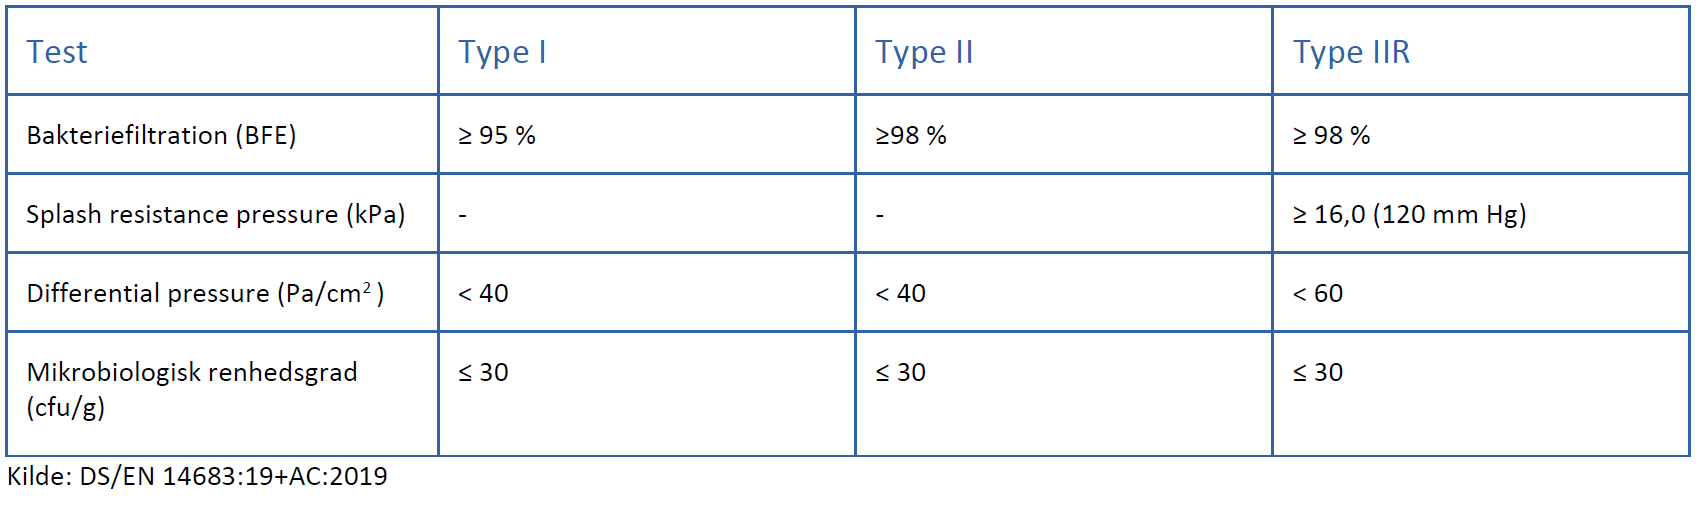 Tabel over CE-mærkede masker (kirurgiske masker) som er produceret efter en industriel standard. Filtrationsevne dokumenteres via maskens evne til at filtrere bakterier.